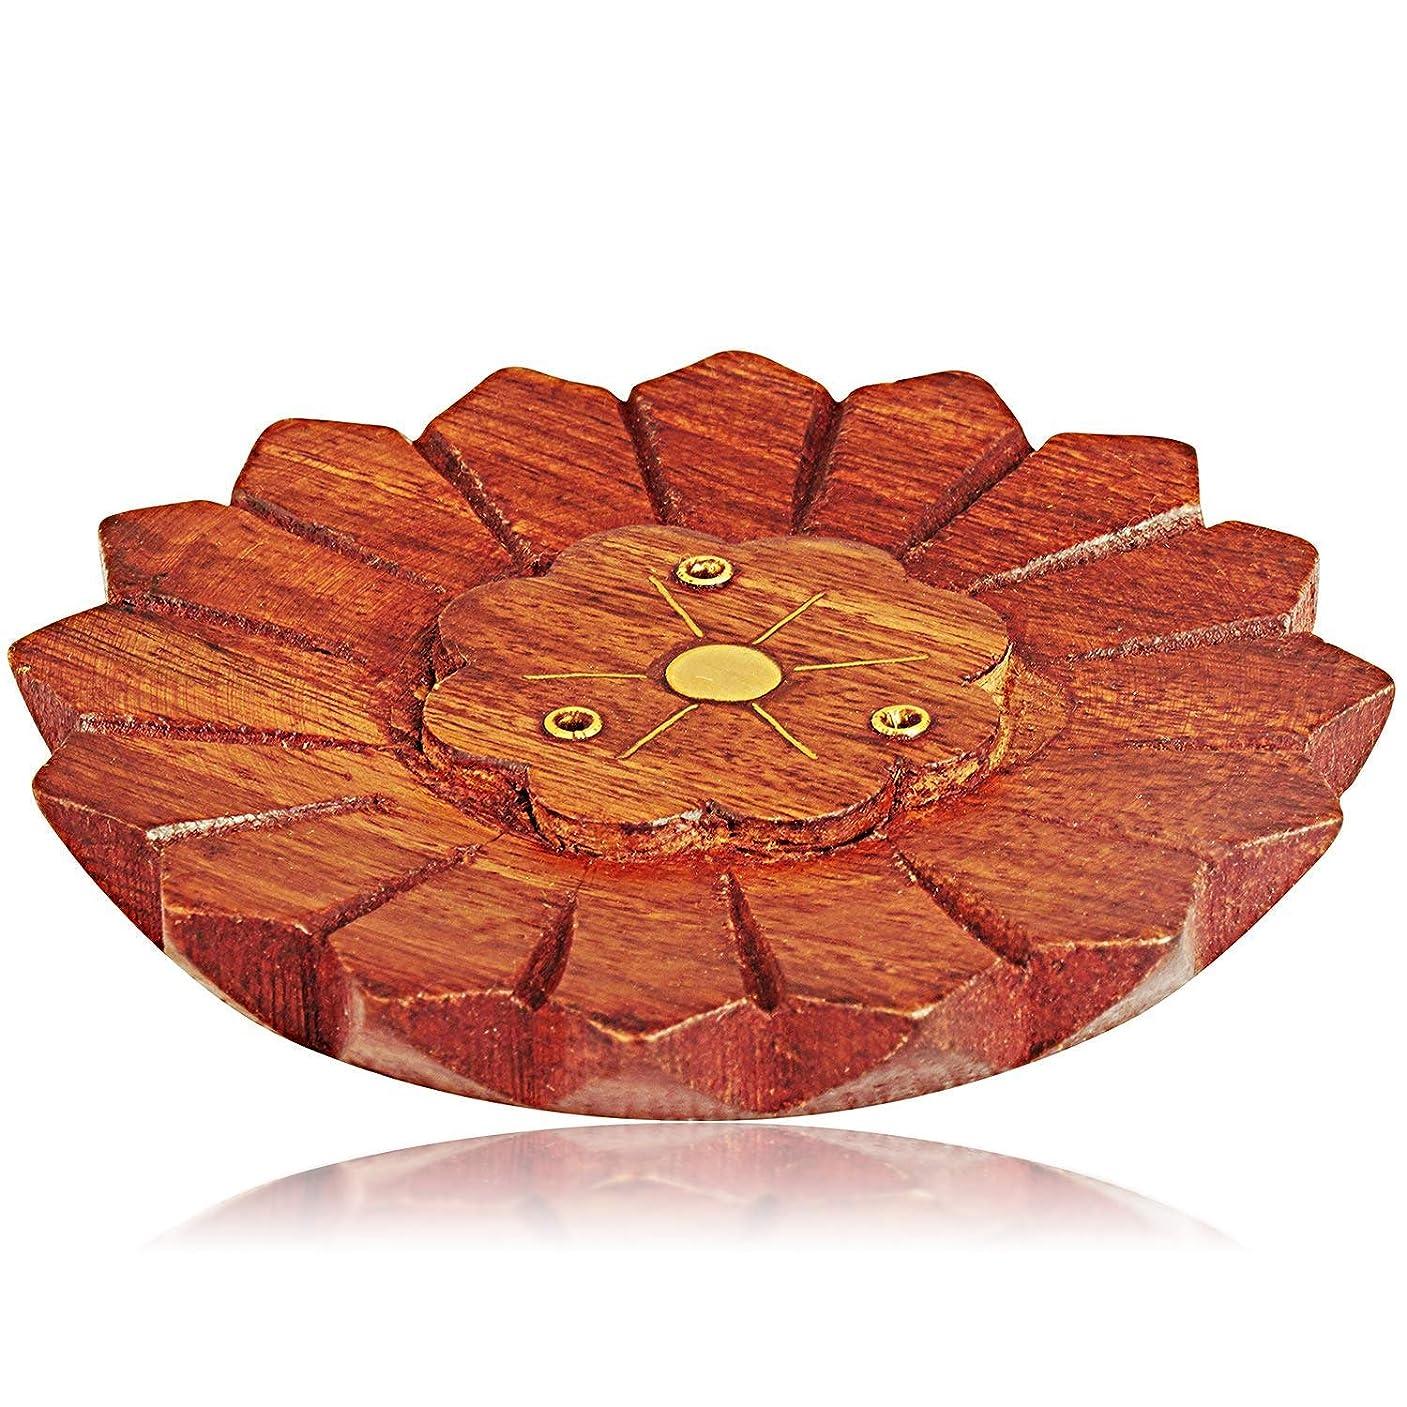 一口わかるとは異なり母の日ギフト木製お香スティックバーナーホルダー有機Eco Friendly AshキャッチャートレイAgarbattiホルダー素朴なスタイル手彫りの瞑想ヨガアロマテラピーHome Fragrance製品